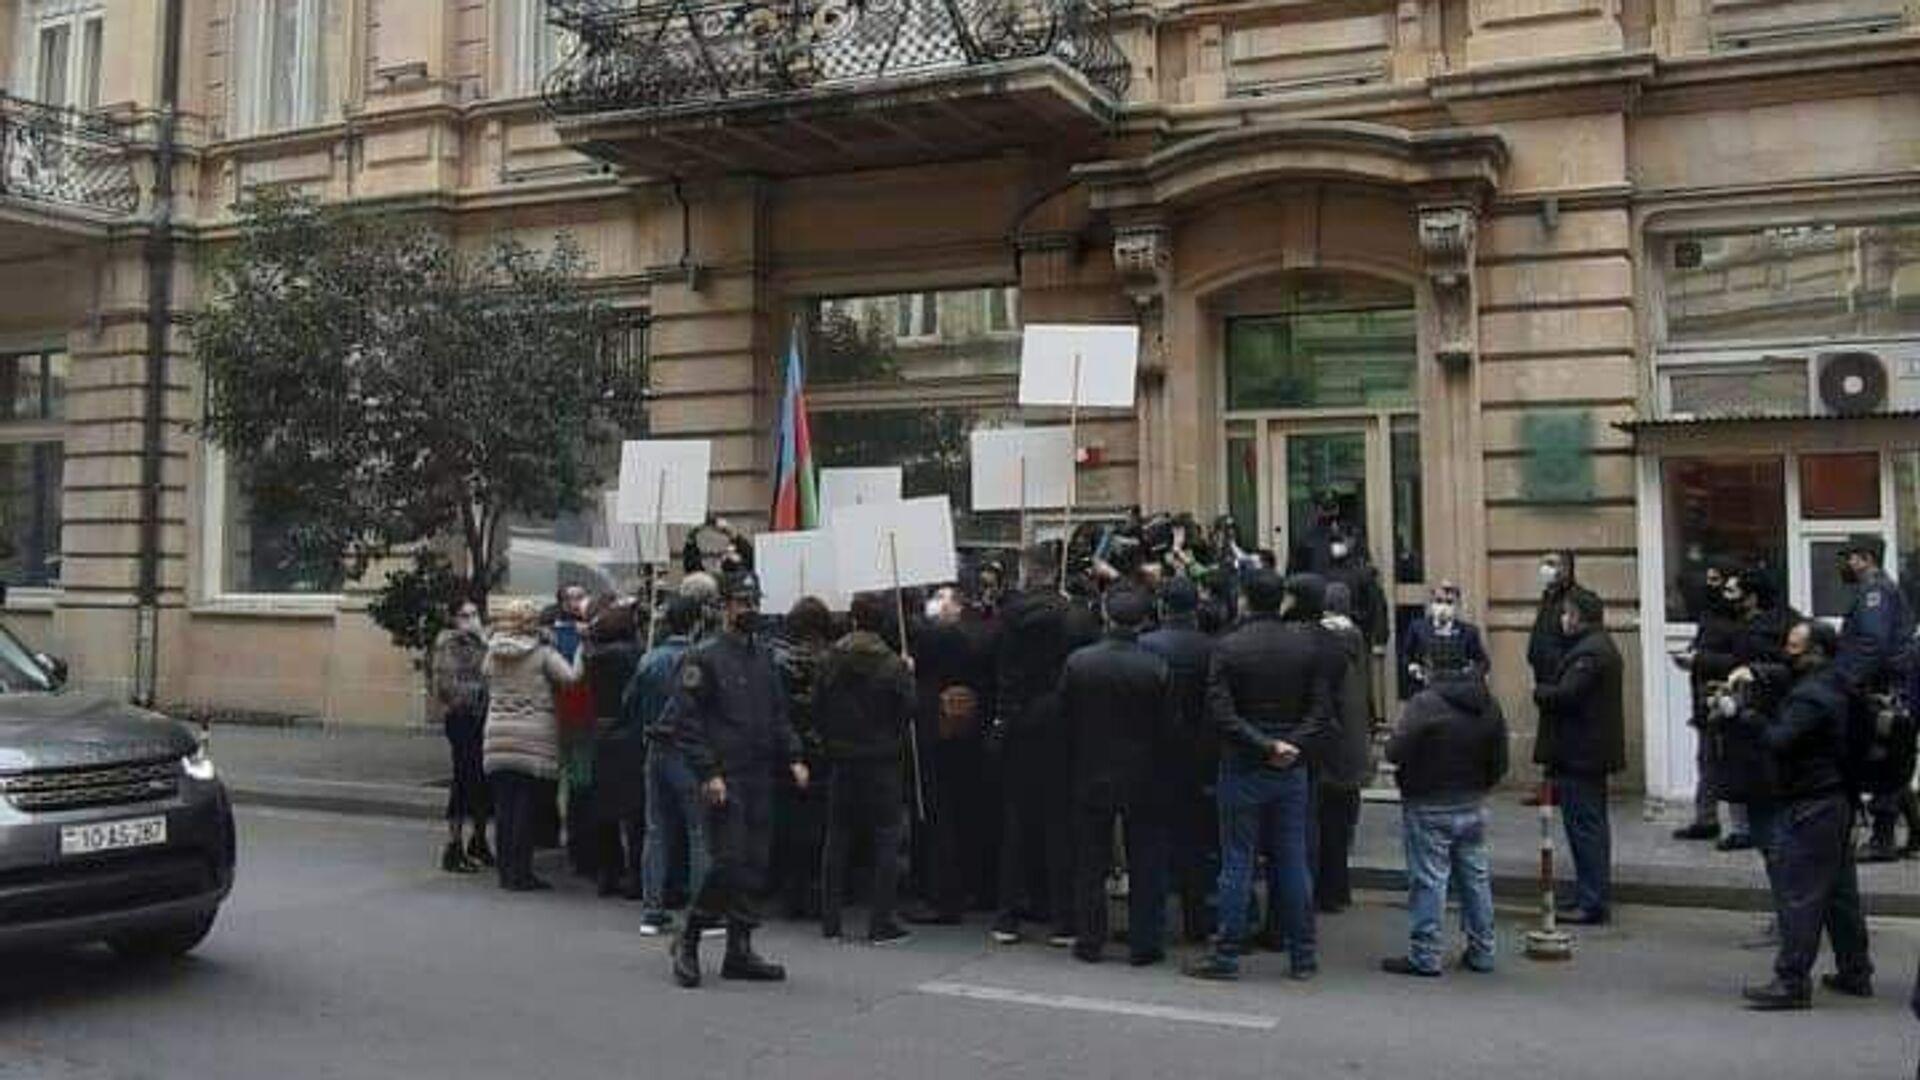 Пикет у французского посольства в Баку - РИА Новости, 1920, 26.11.2020